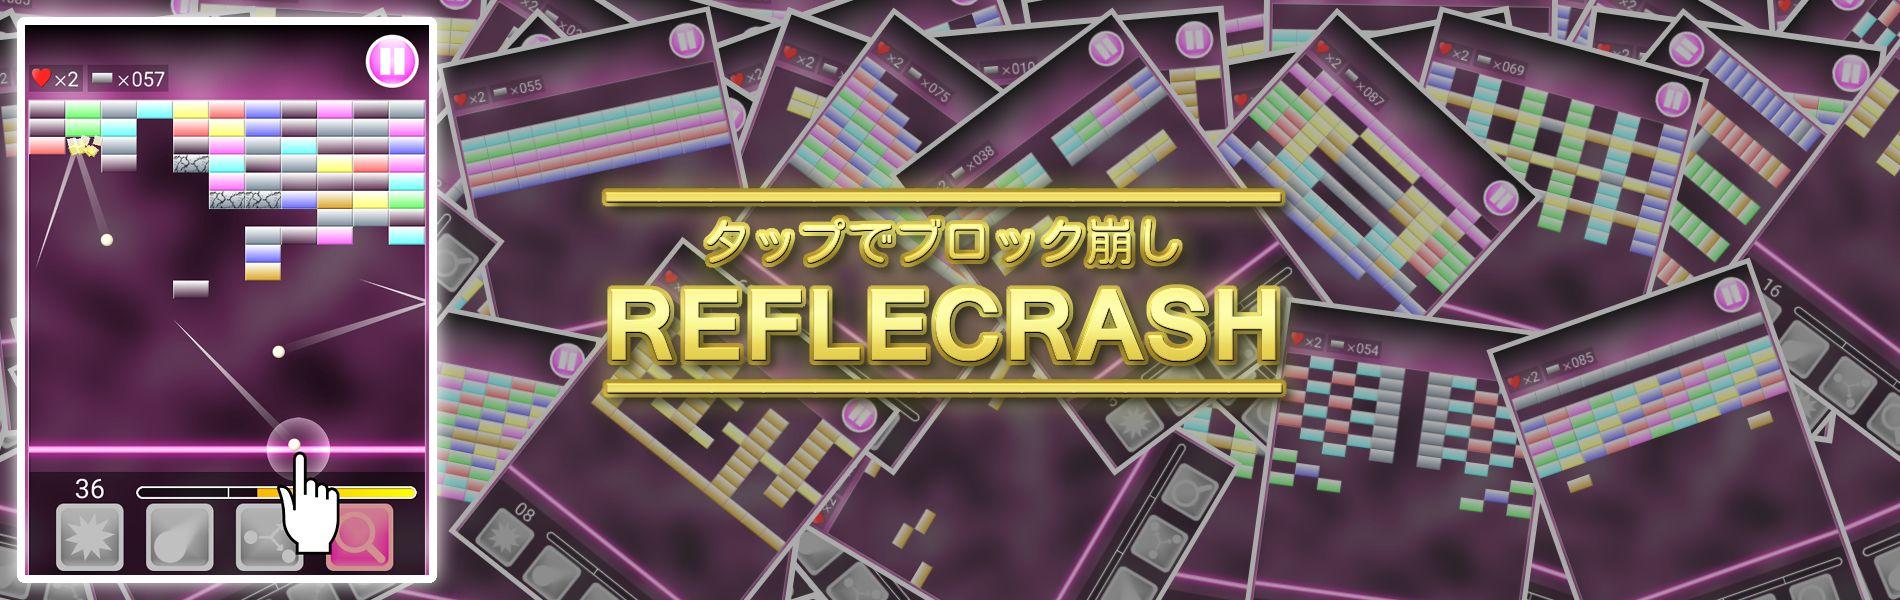 【タップでブロック崩し】REFLECRASH